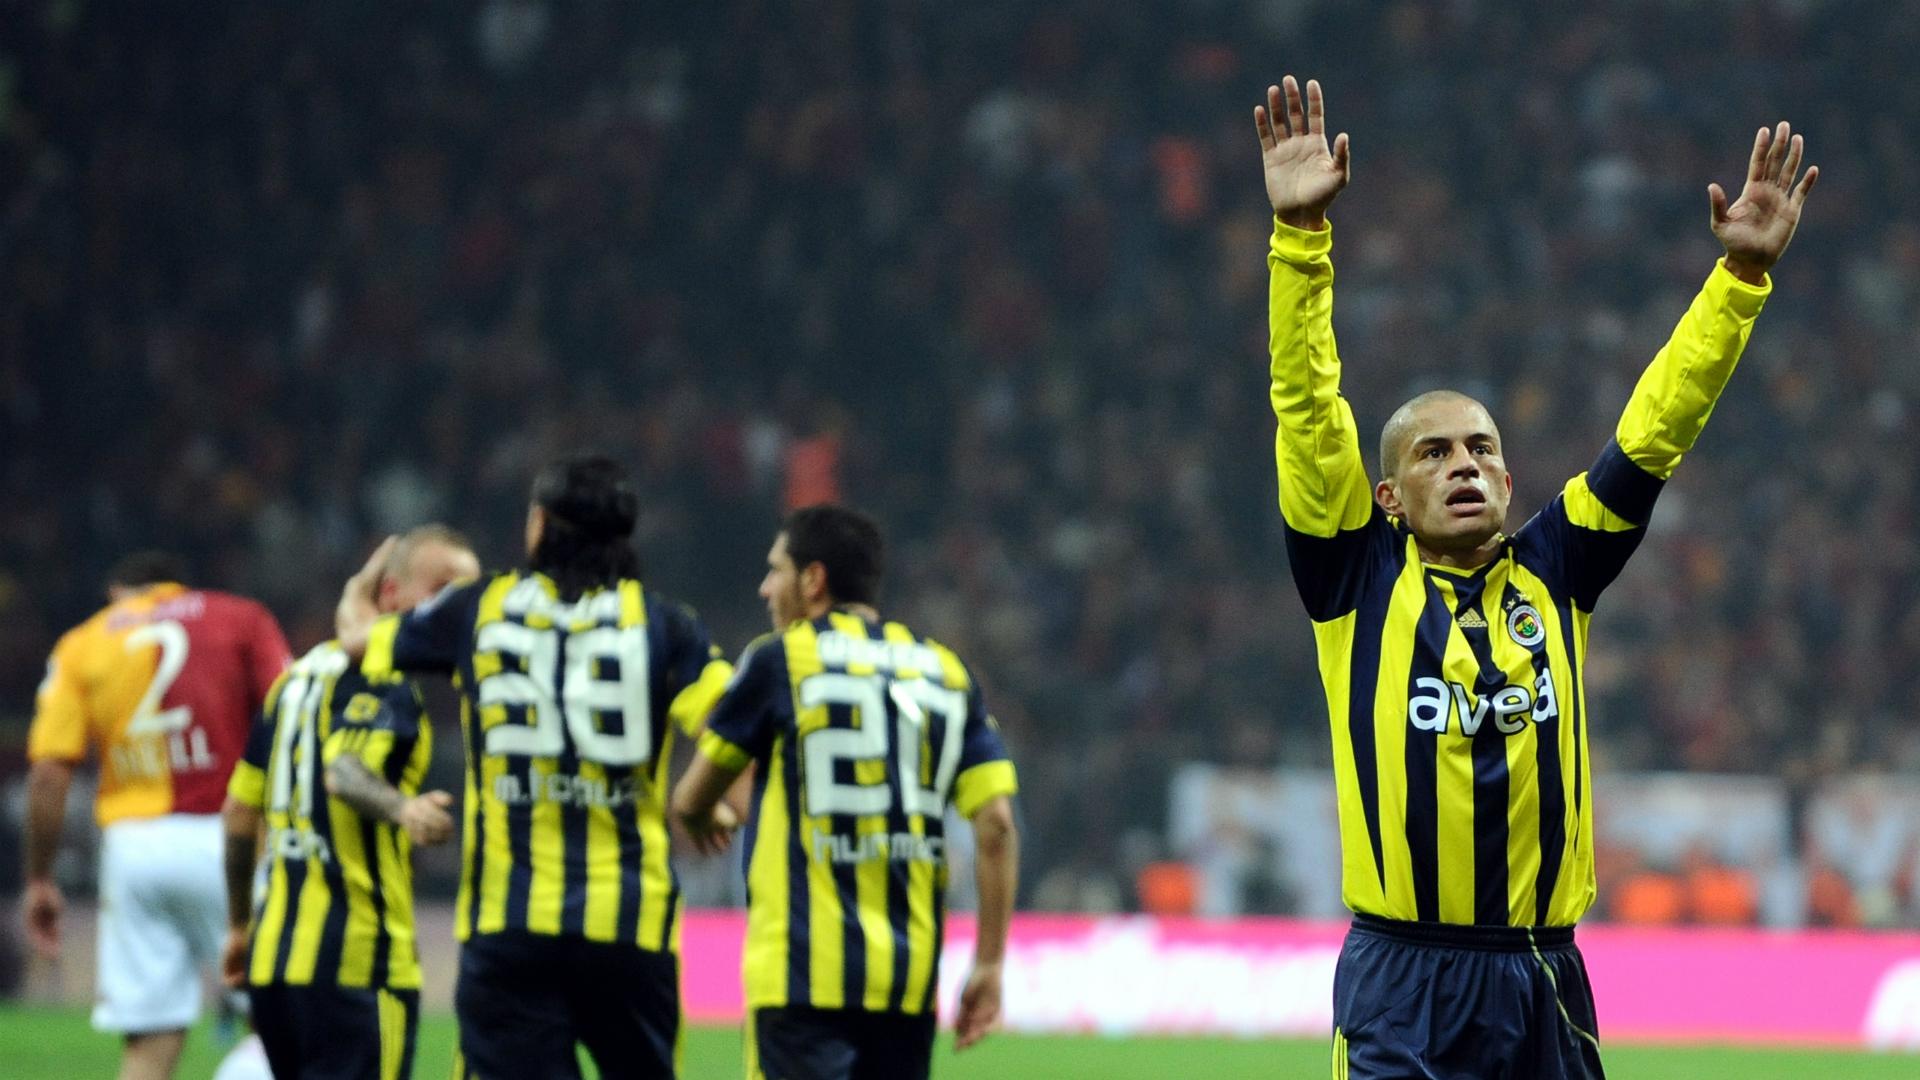 Galatasaray Fenerbahce Alex de Souza 2011